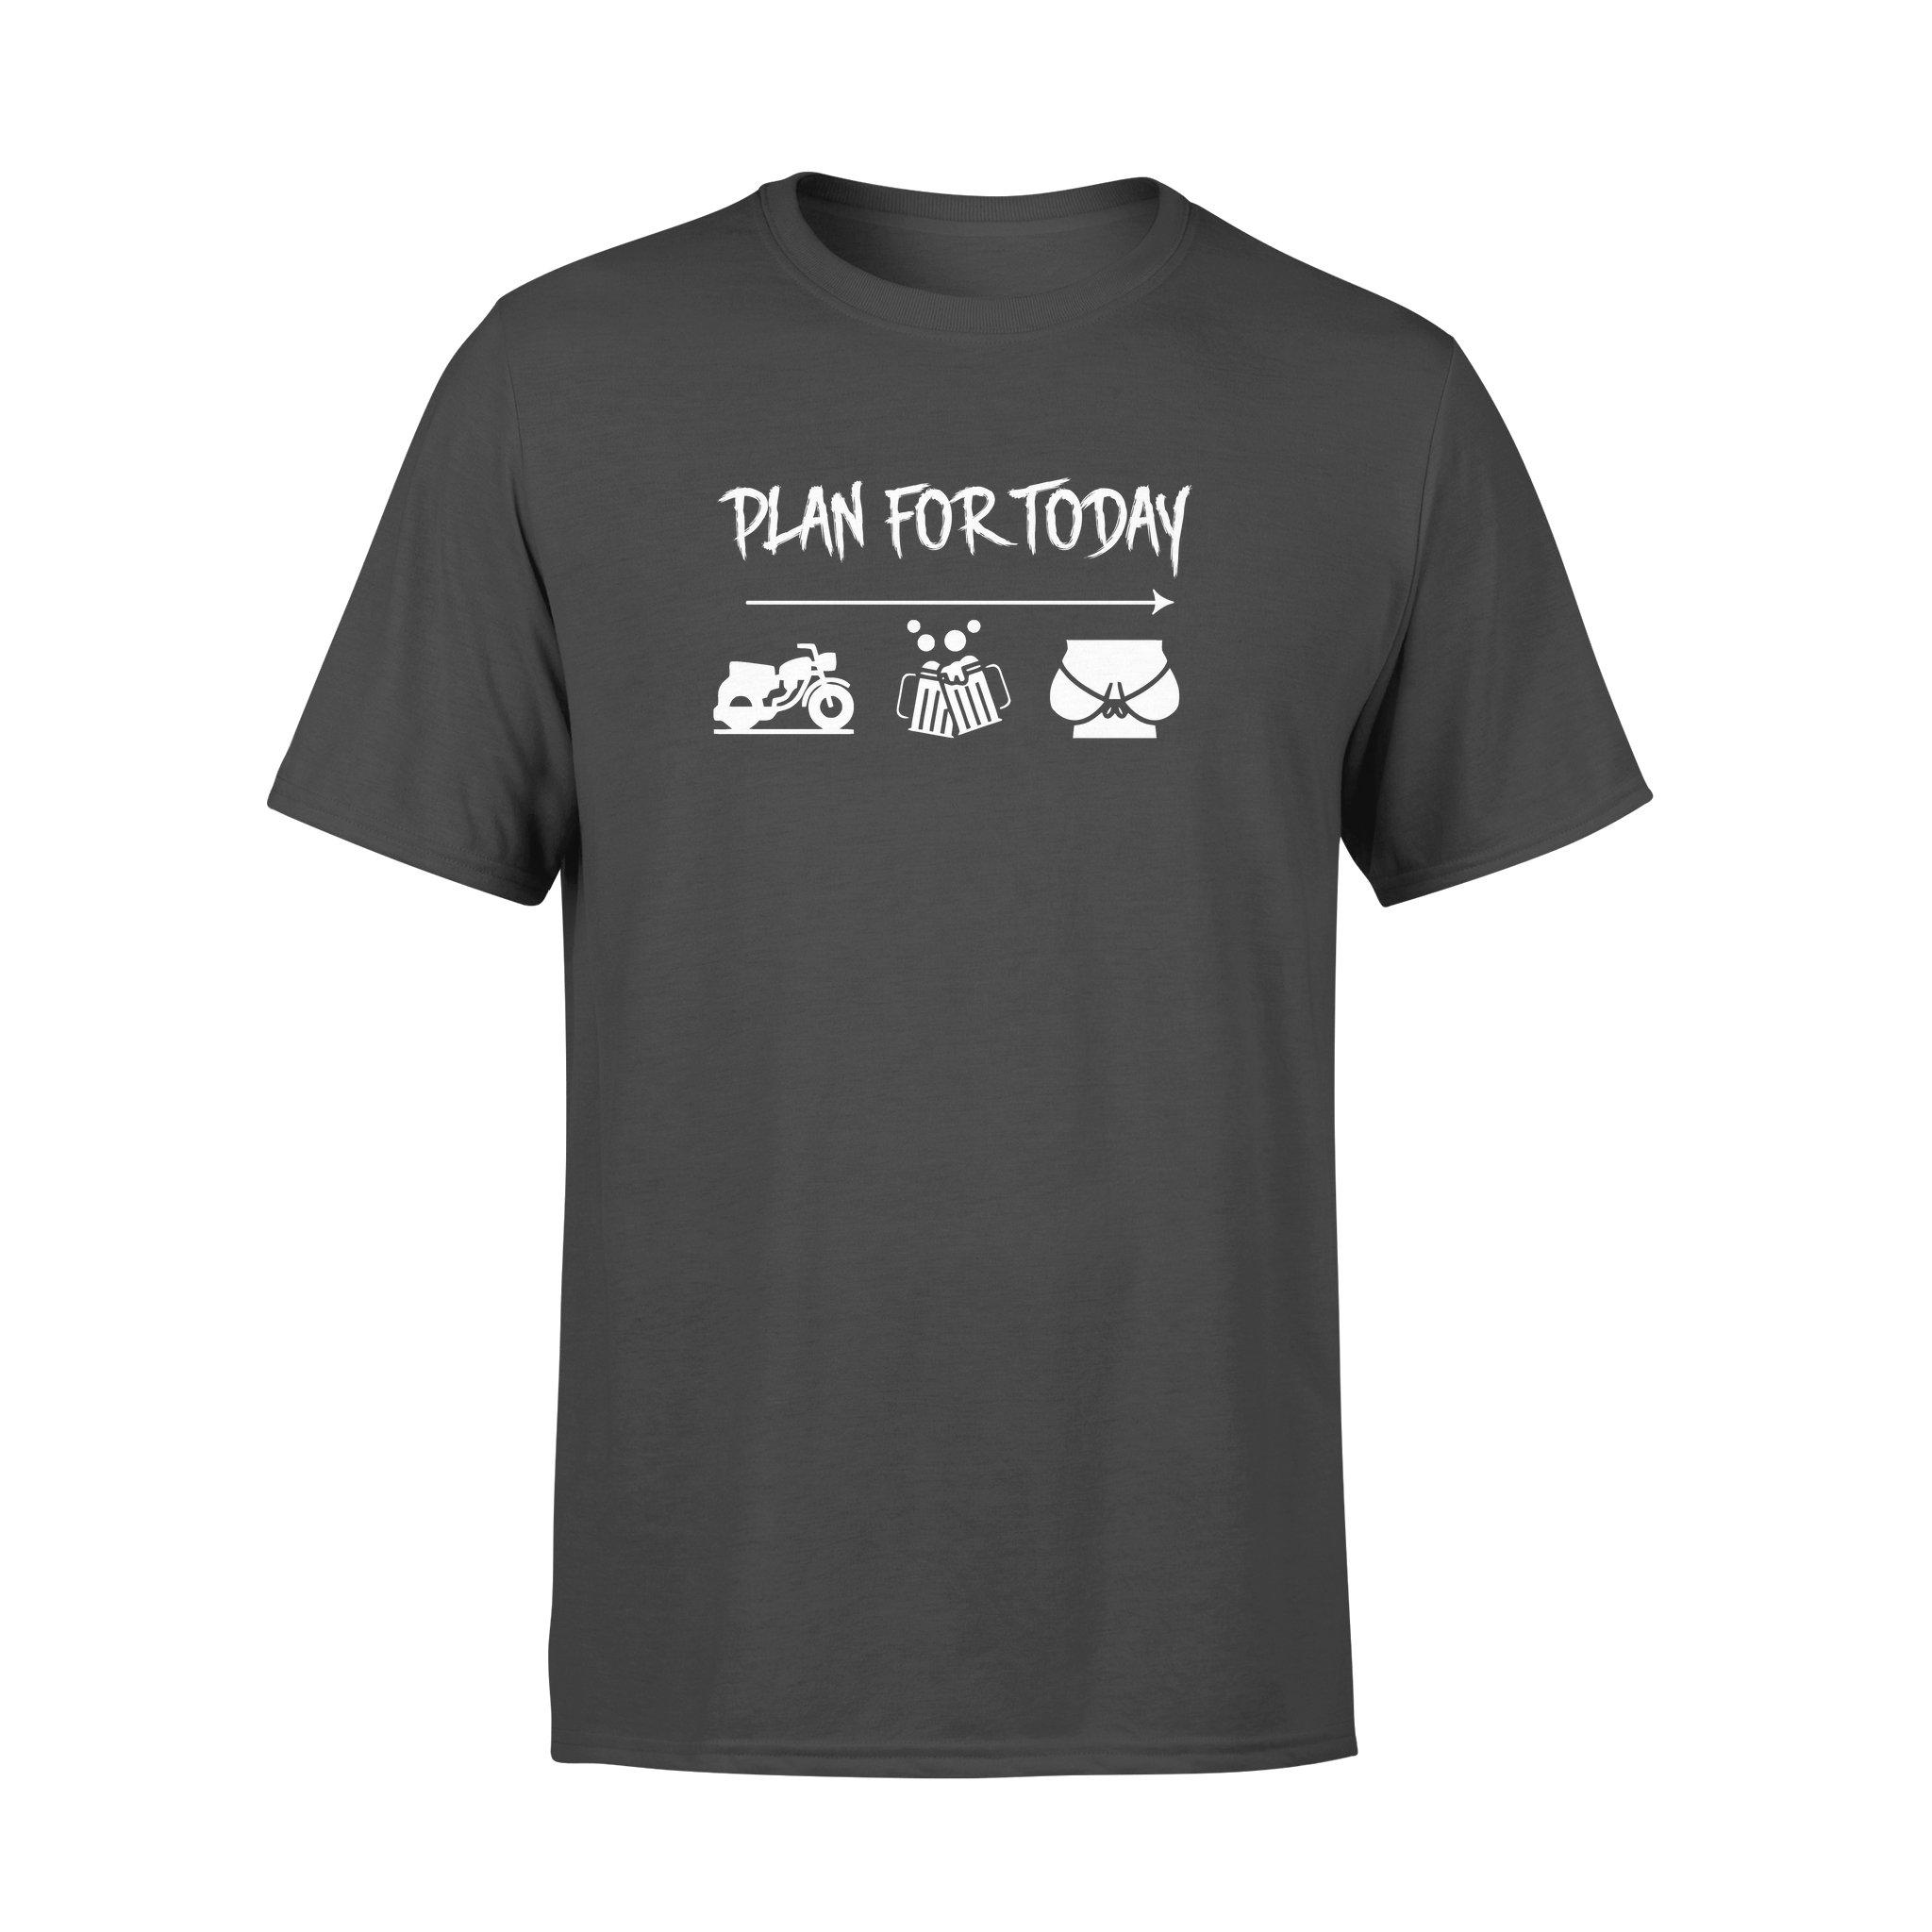 Plan For Today Bike Beer Boobs Shirt - Biker Shirt